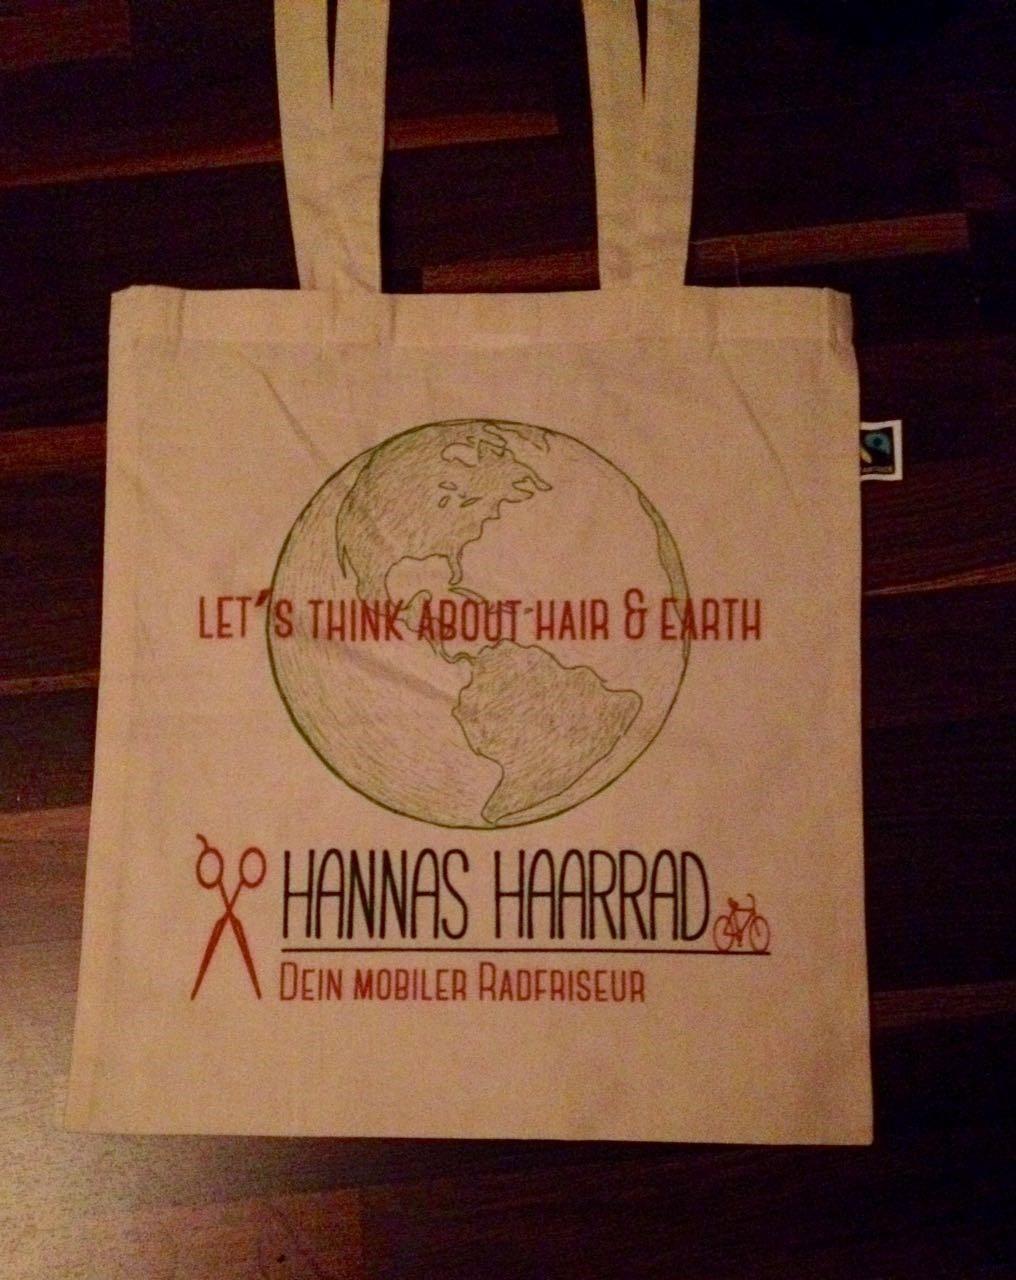 3. Advent: Es gab den ersten Fairtrade Jutebeutel zu gewinnen. Let's think about hair & earth. Do it!